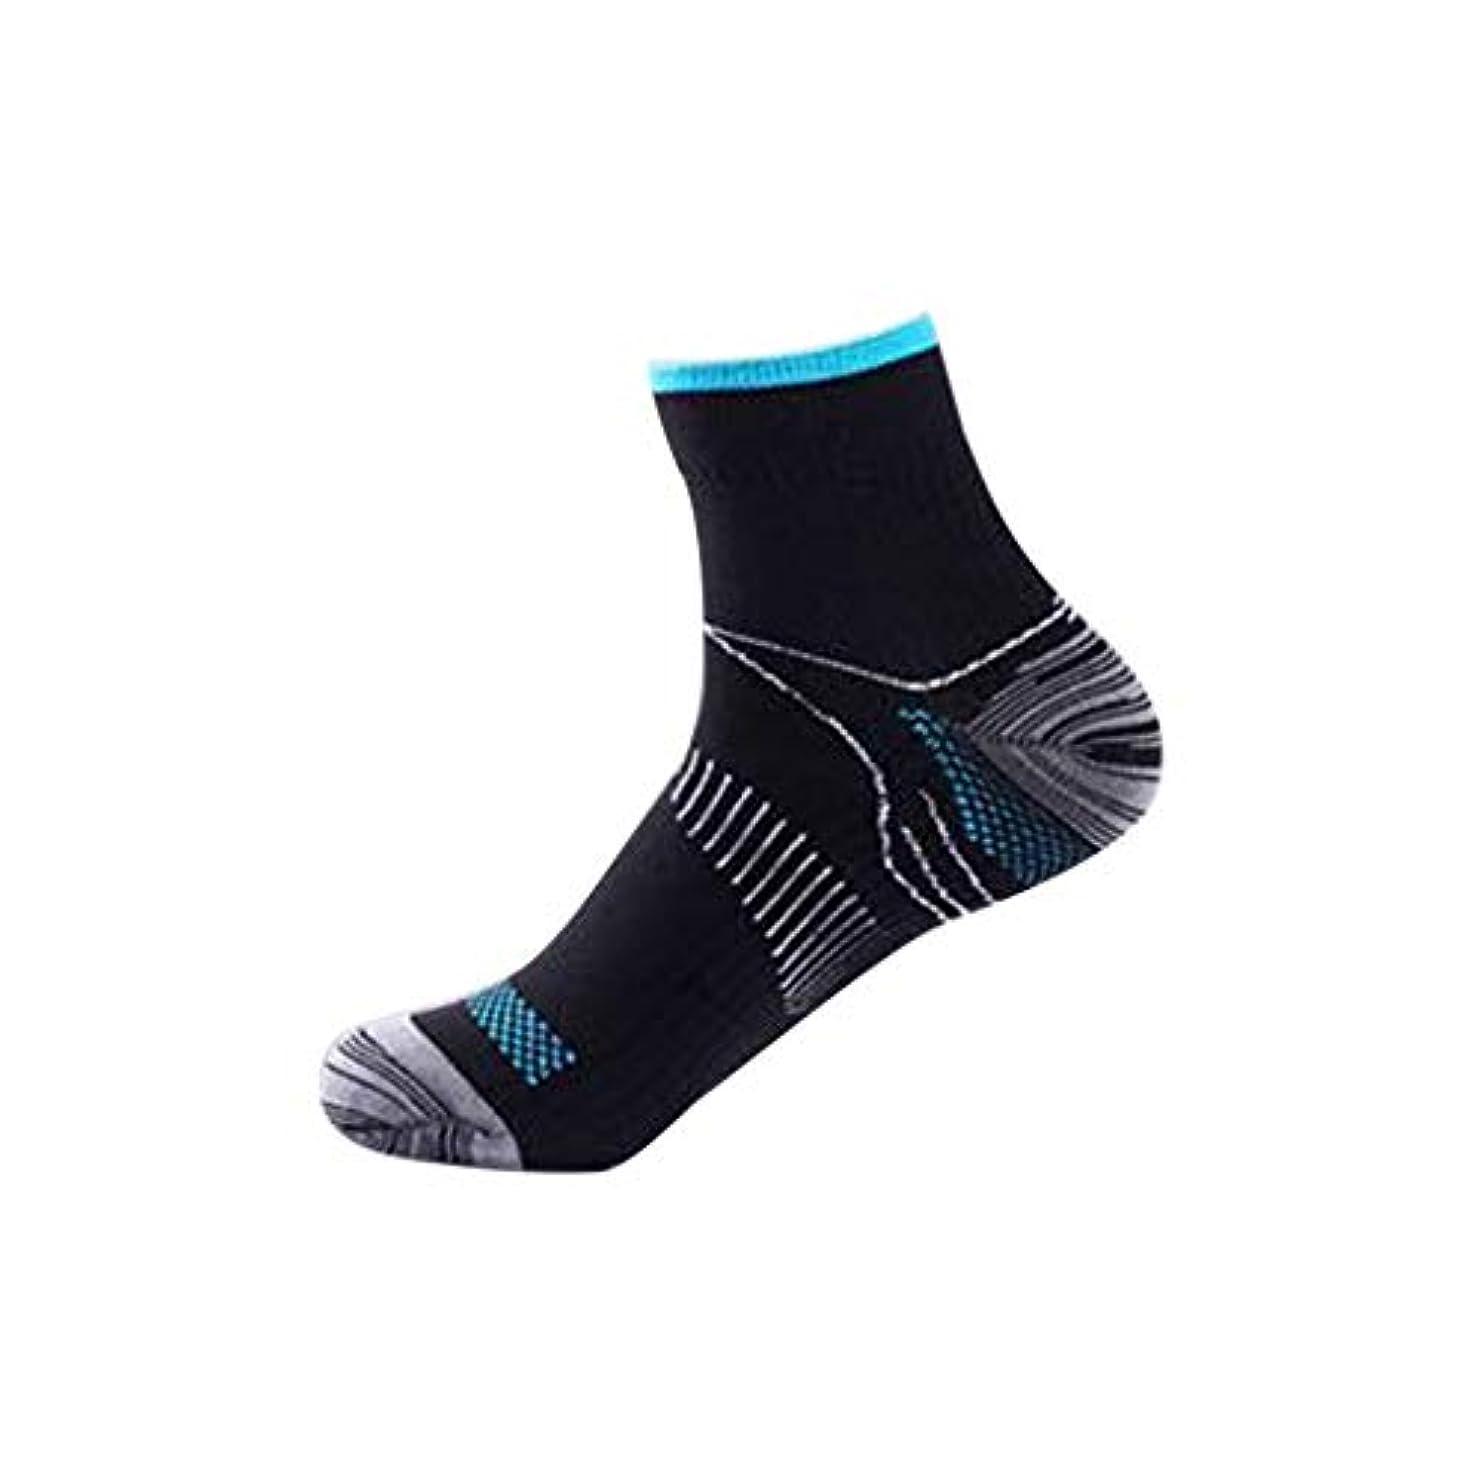 後恩恵手綱快適な男性の女性の膝の靴下のサポートストレッチ通気性の靴下の下の短いストレッチ圧縮の靴下(Color:black&blue)(Size:S/M)